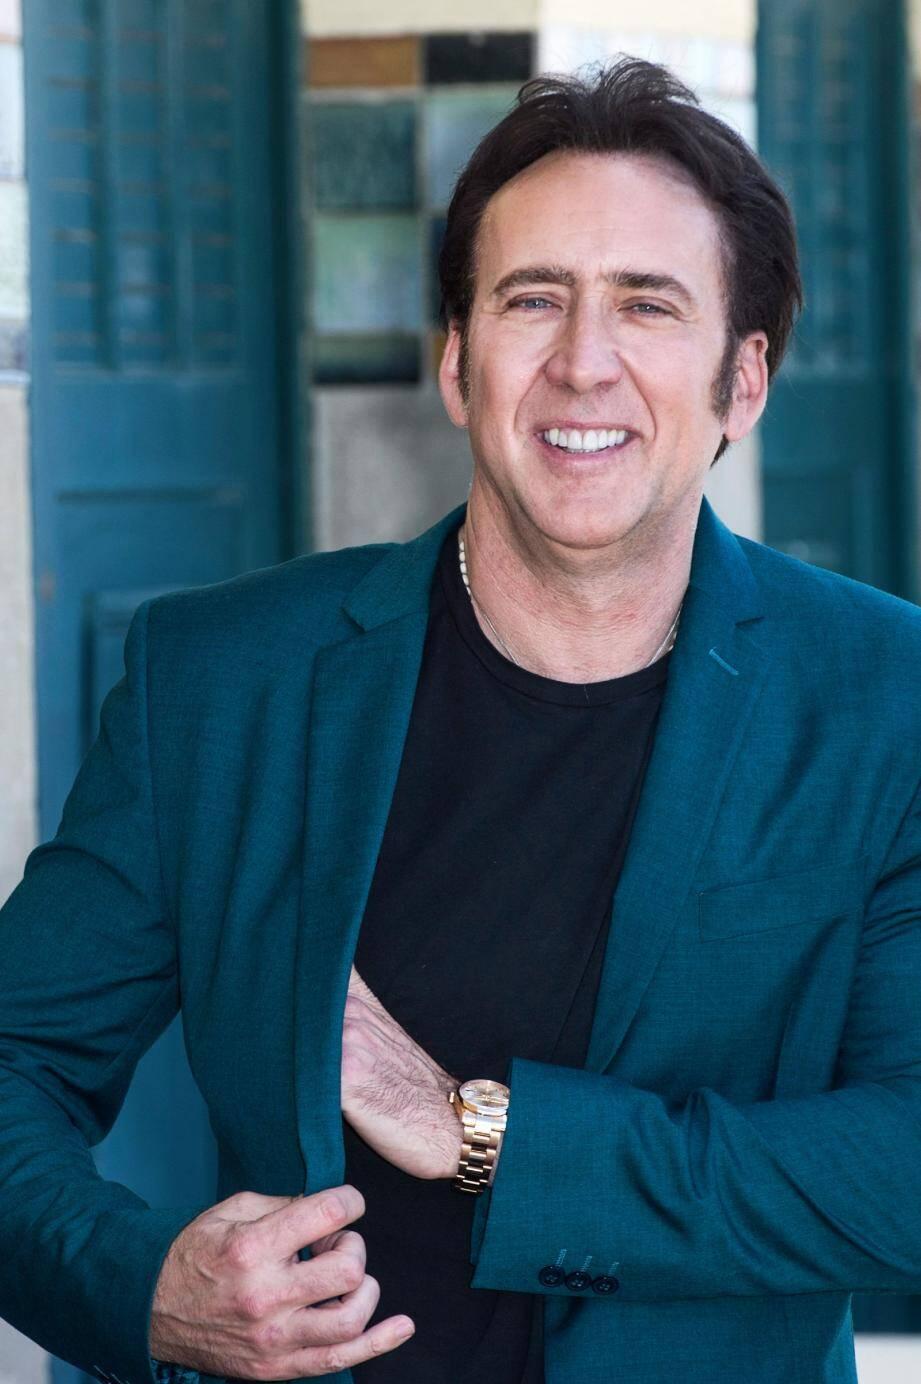 Dans son nouveau film Joe, Nicolas Cage nous livre une de ses meilleures interprétations. (Photopqr/EPA/Etienne Laurent)